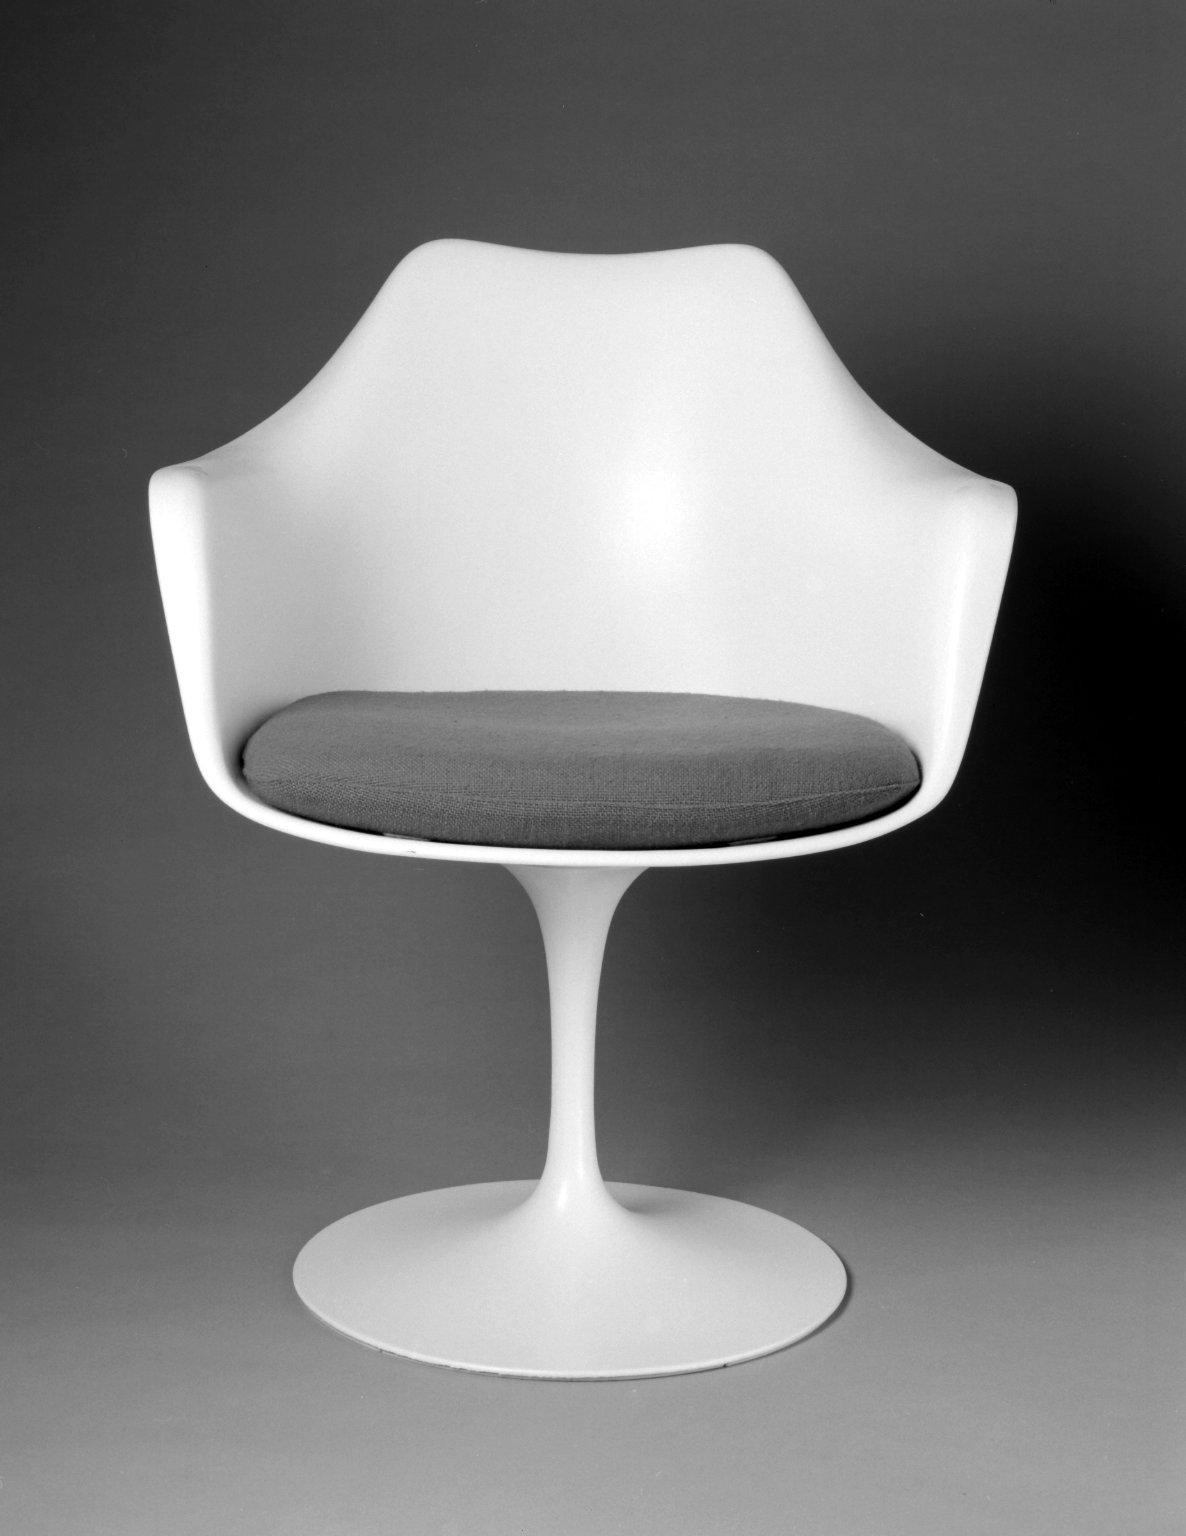 'Pedestal' Armchair and Seat Cushion